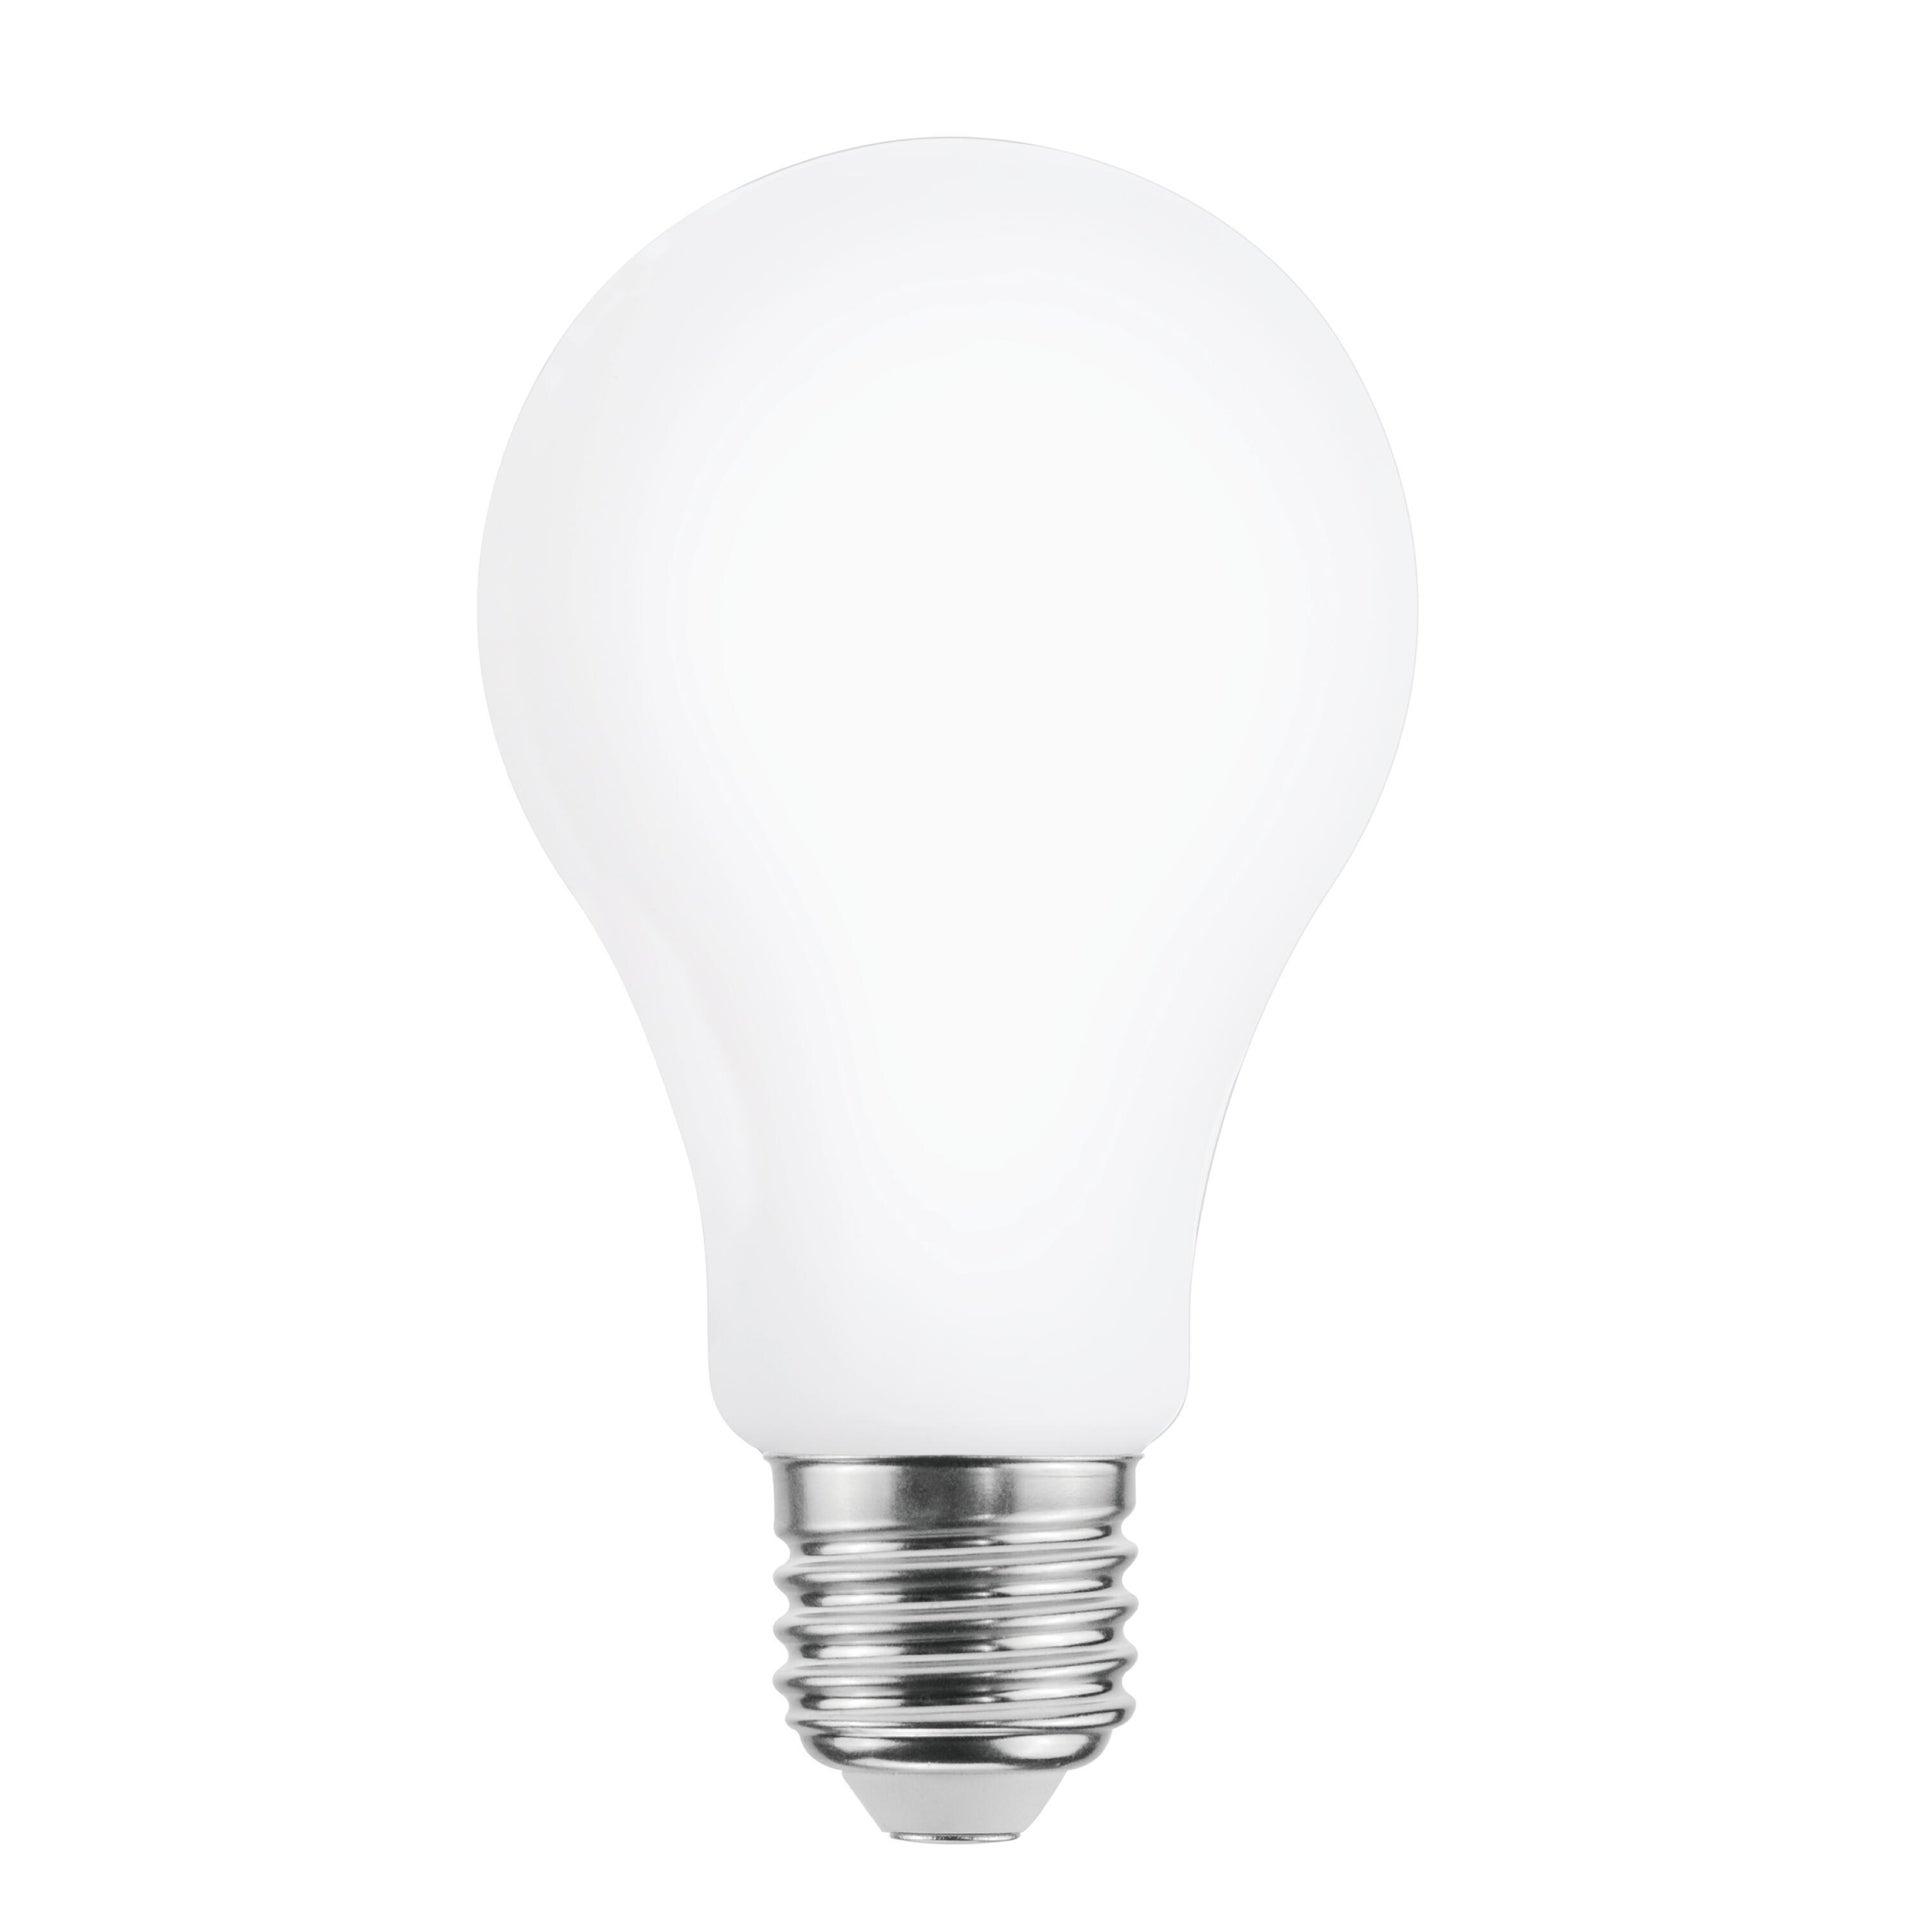 Lampadina LED filamento, E27, Goccia, Opaco, Luce naturale, 16W=2452LM (equiv 150 W), 360° , LEXMAN - 1